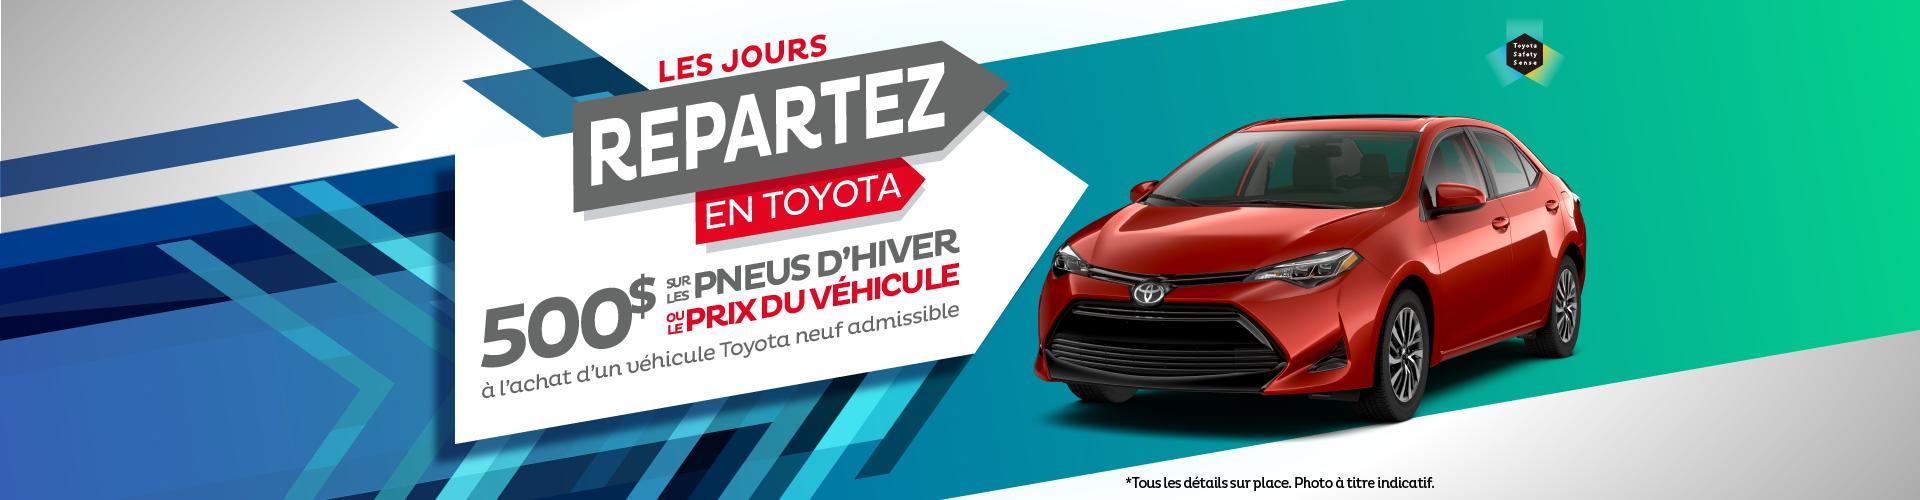 Les jours repartez en Toyota - sept 2019